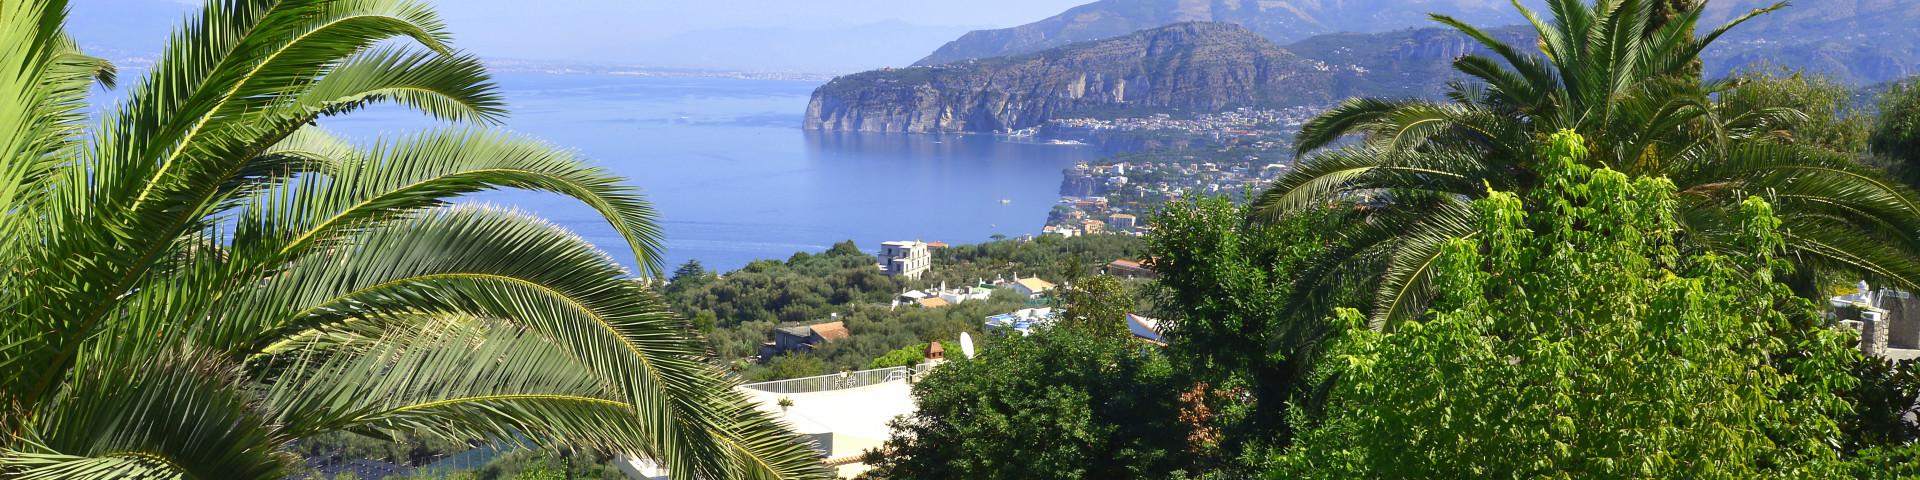 výhled z  vesnice Priora na Neapolský záliv